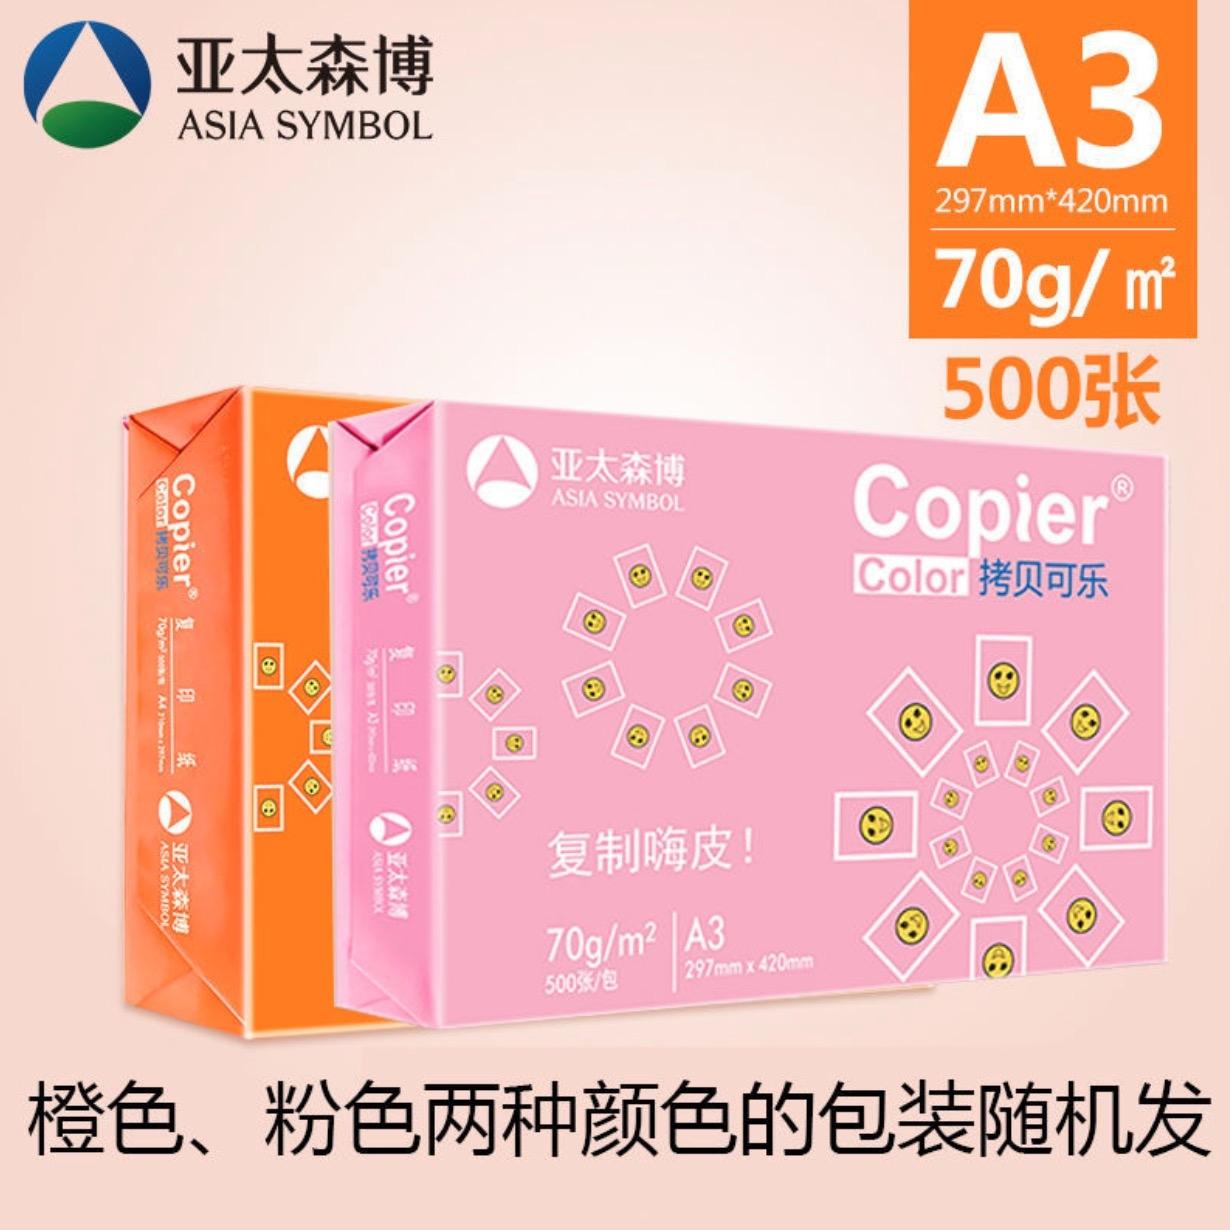 百亿补贴 : Asia symbol 亚太森博 copier A3复印纸 70g 500张 单包